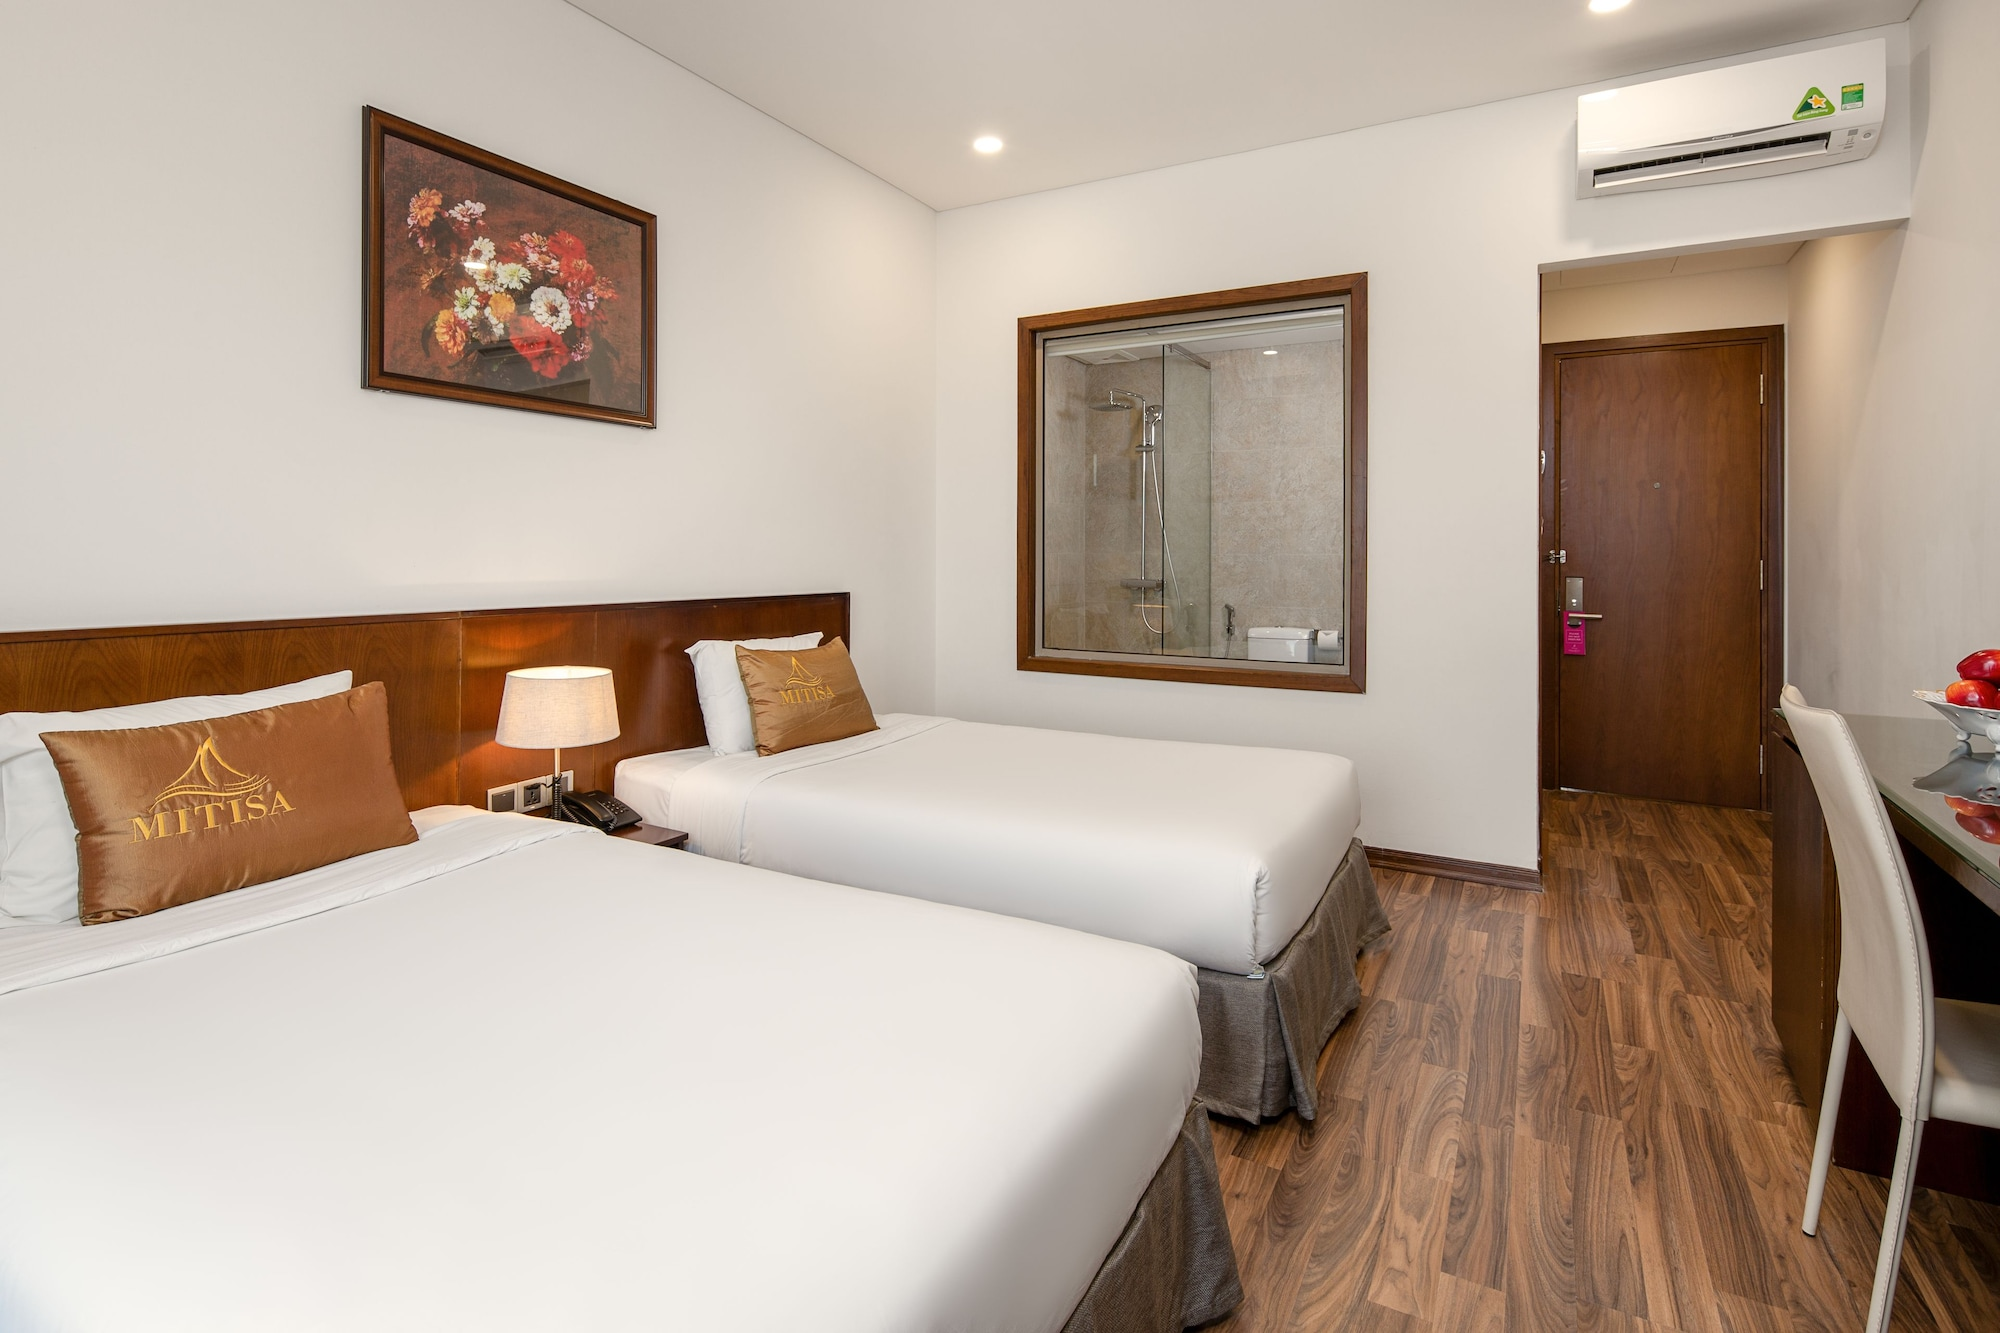 Mitisa Hotel, Hải Châu